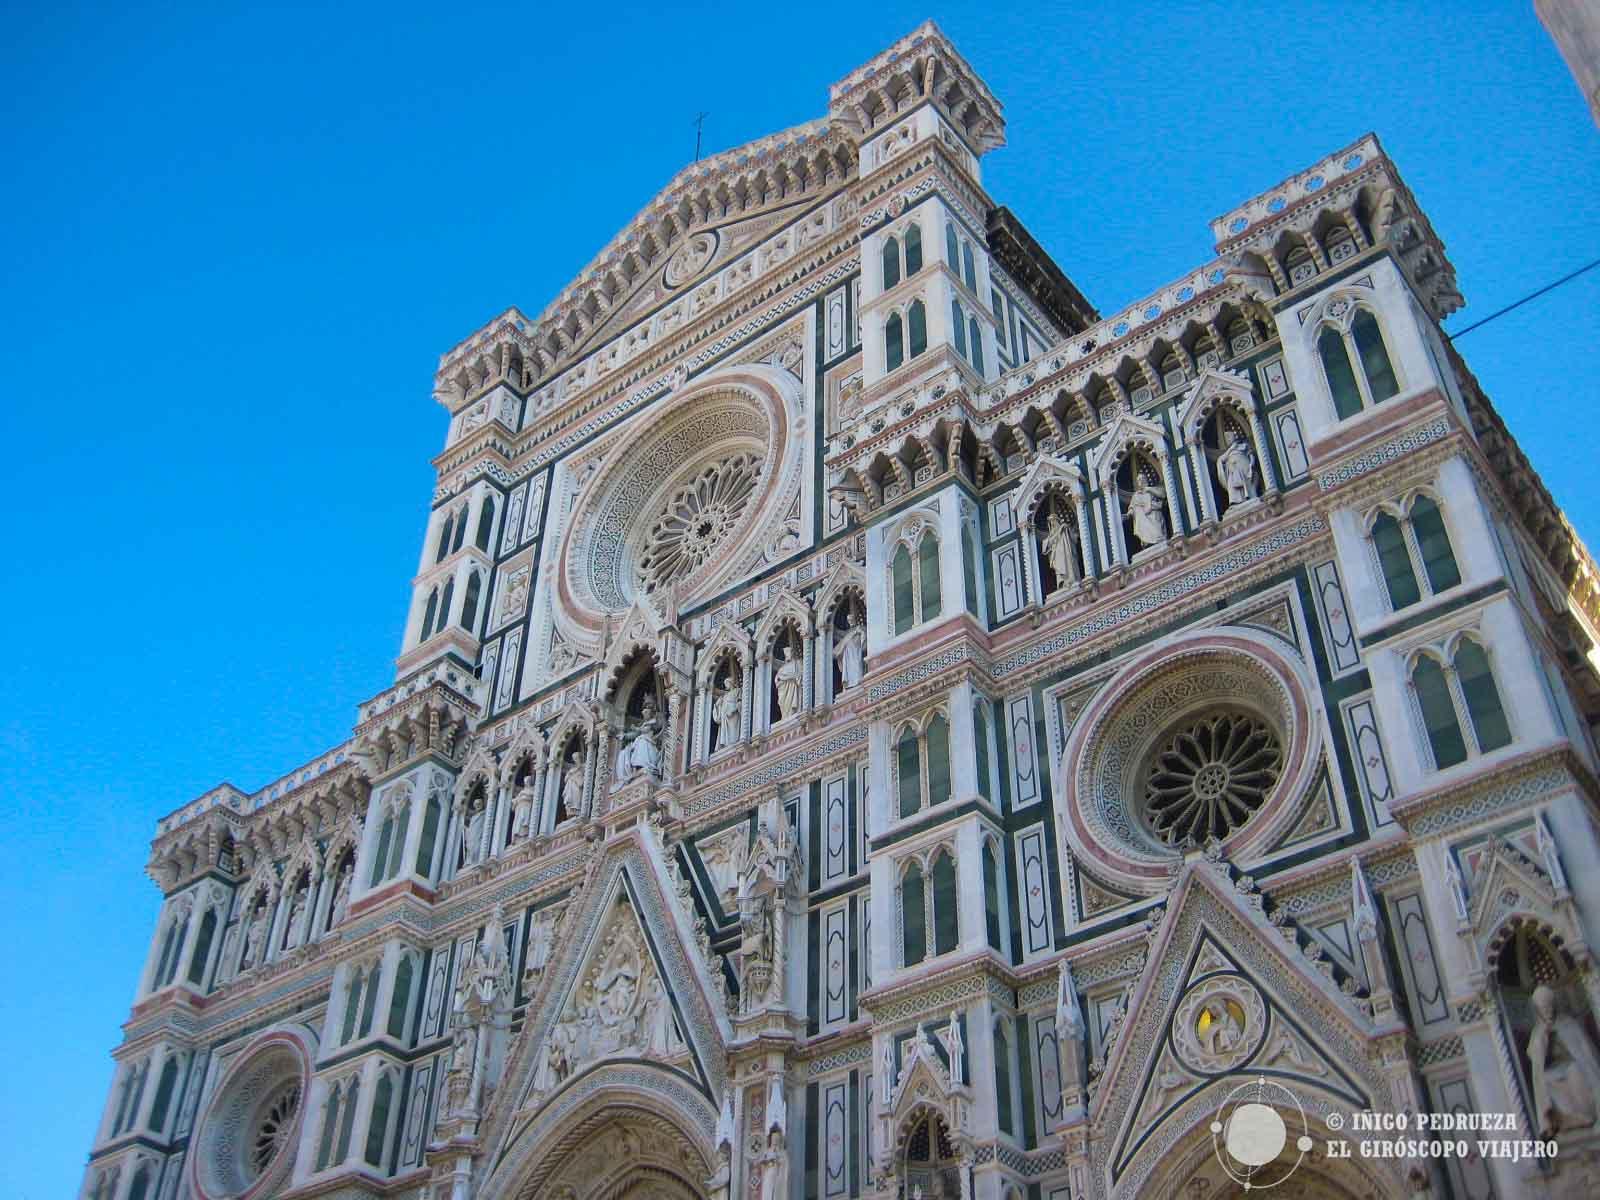 Il Duomo de Florencia, la catedral de Santa María dei Fiore. ©Iñigo Pedrueza.